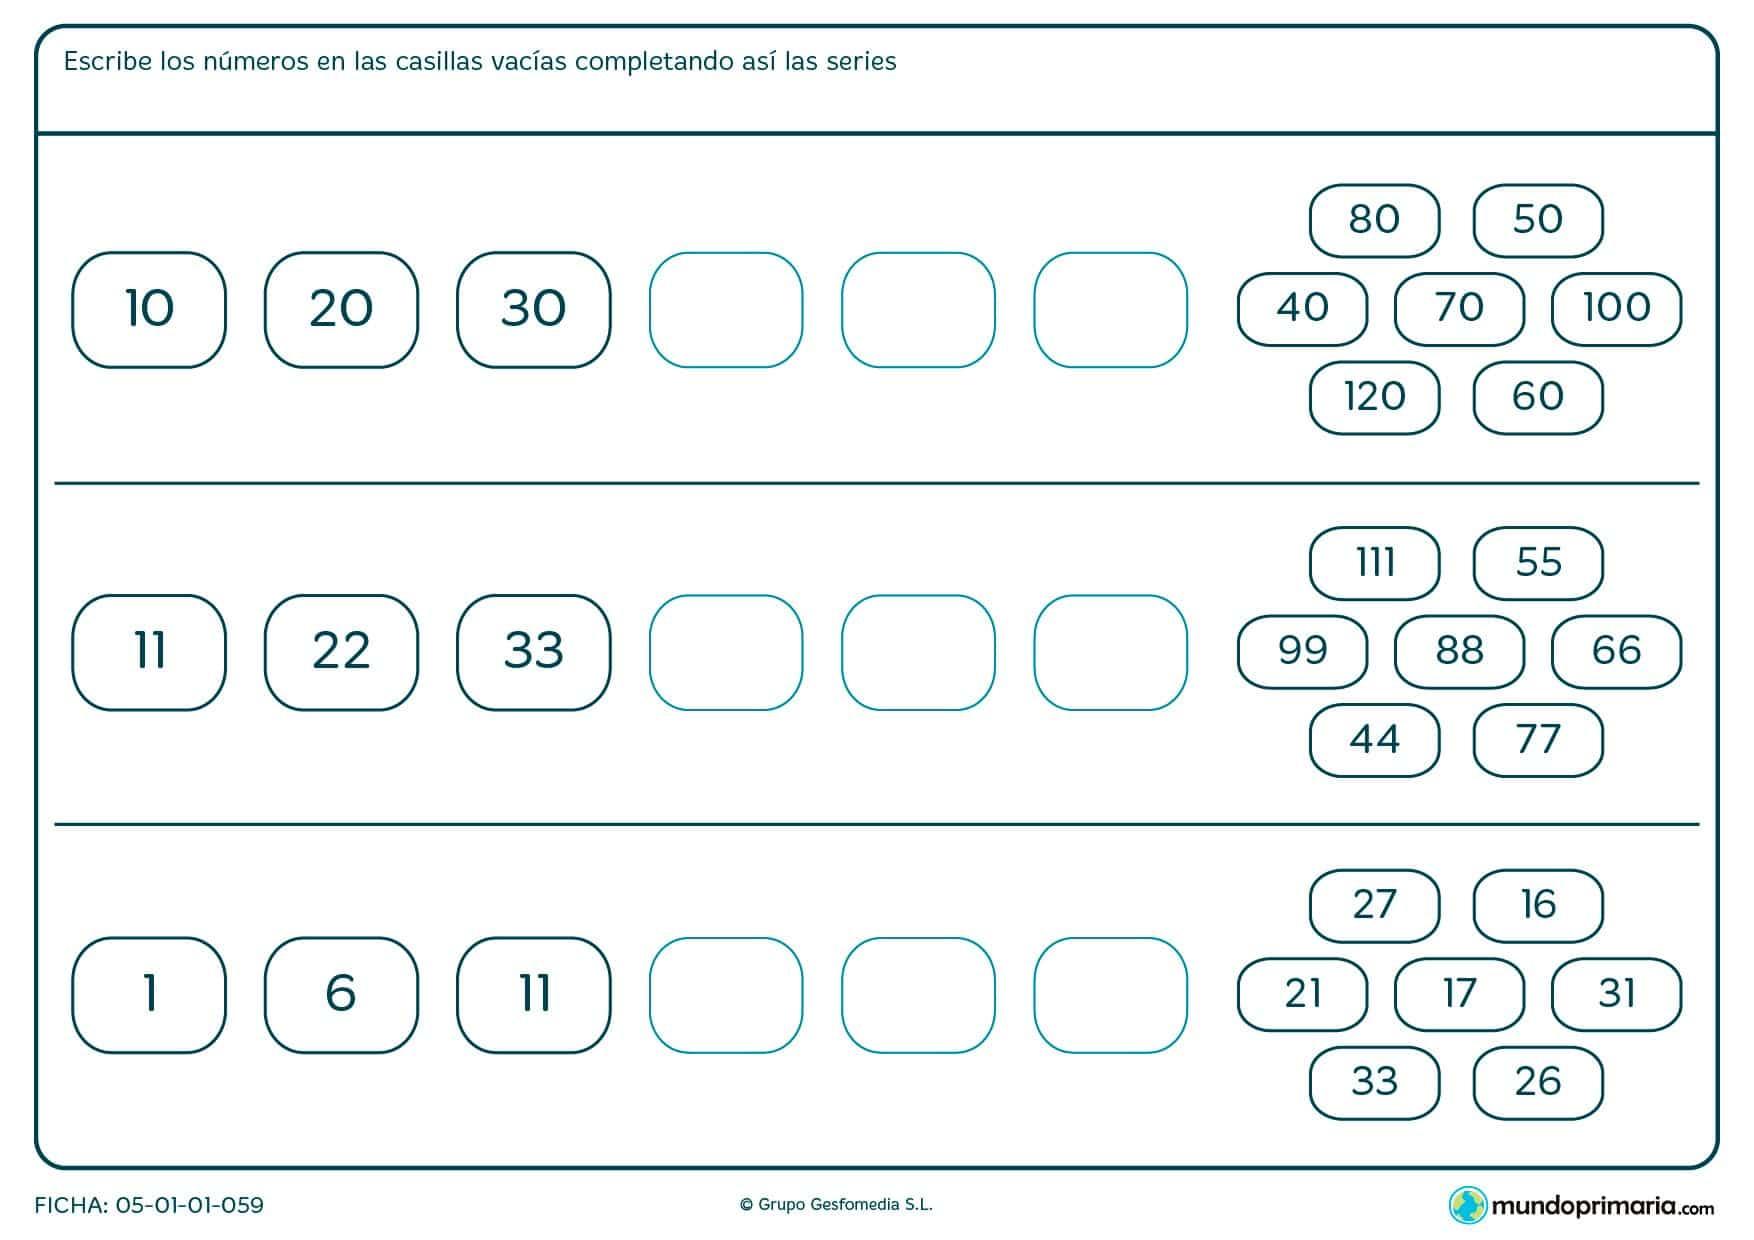 Escribe los números correctos en los huecos para completar las series de esta ficha.